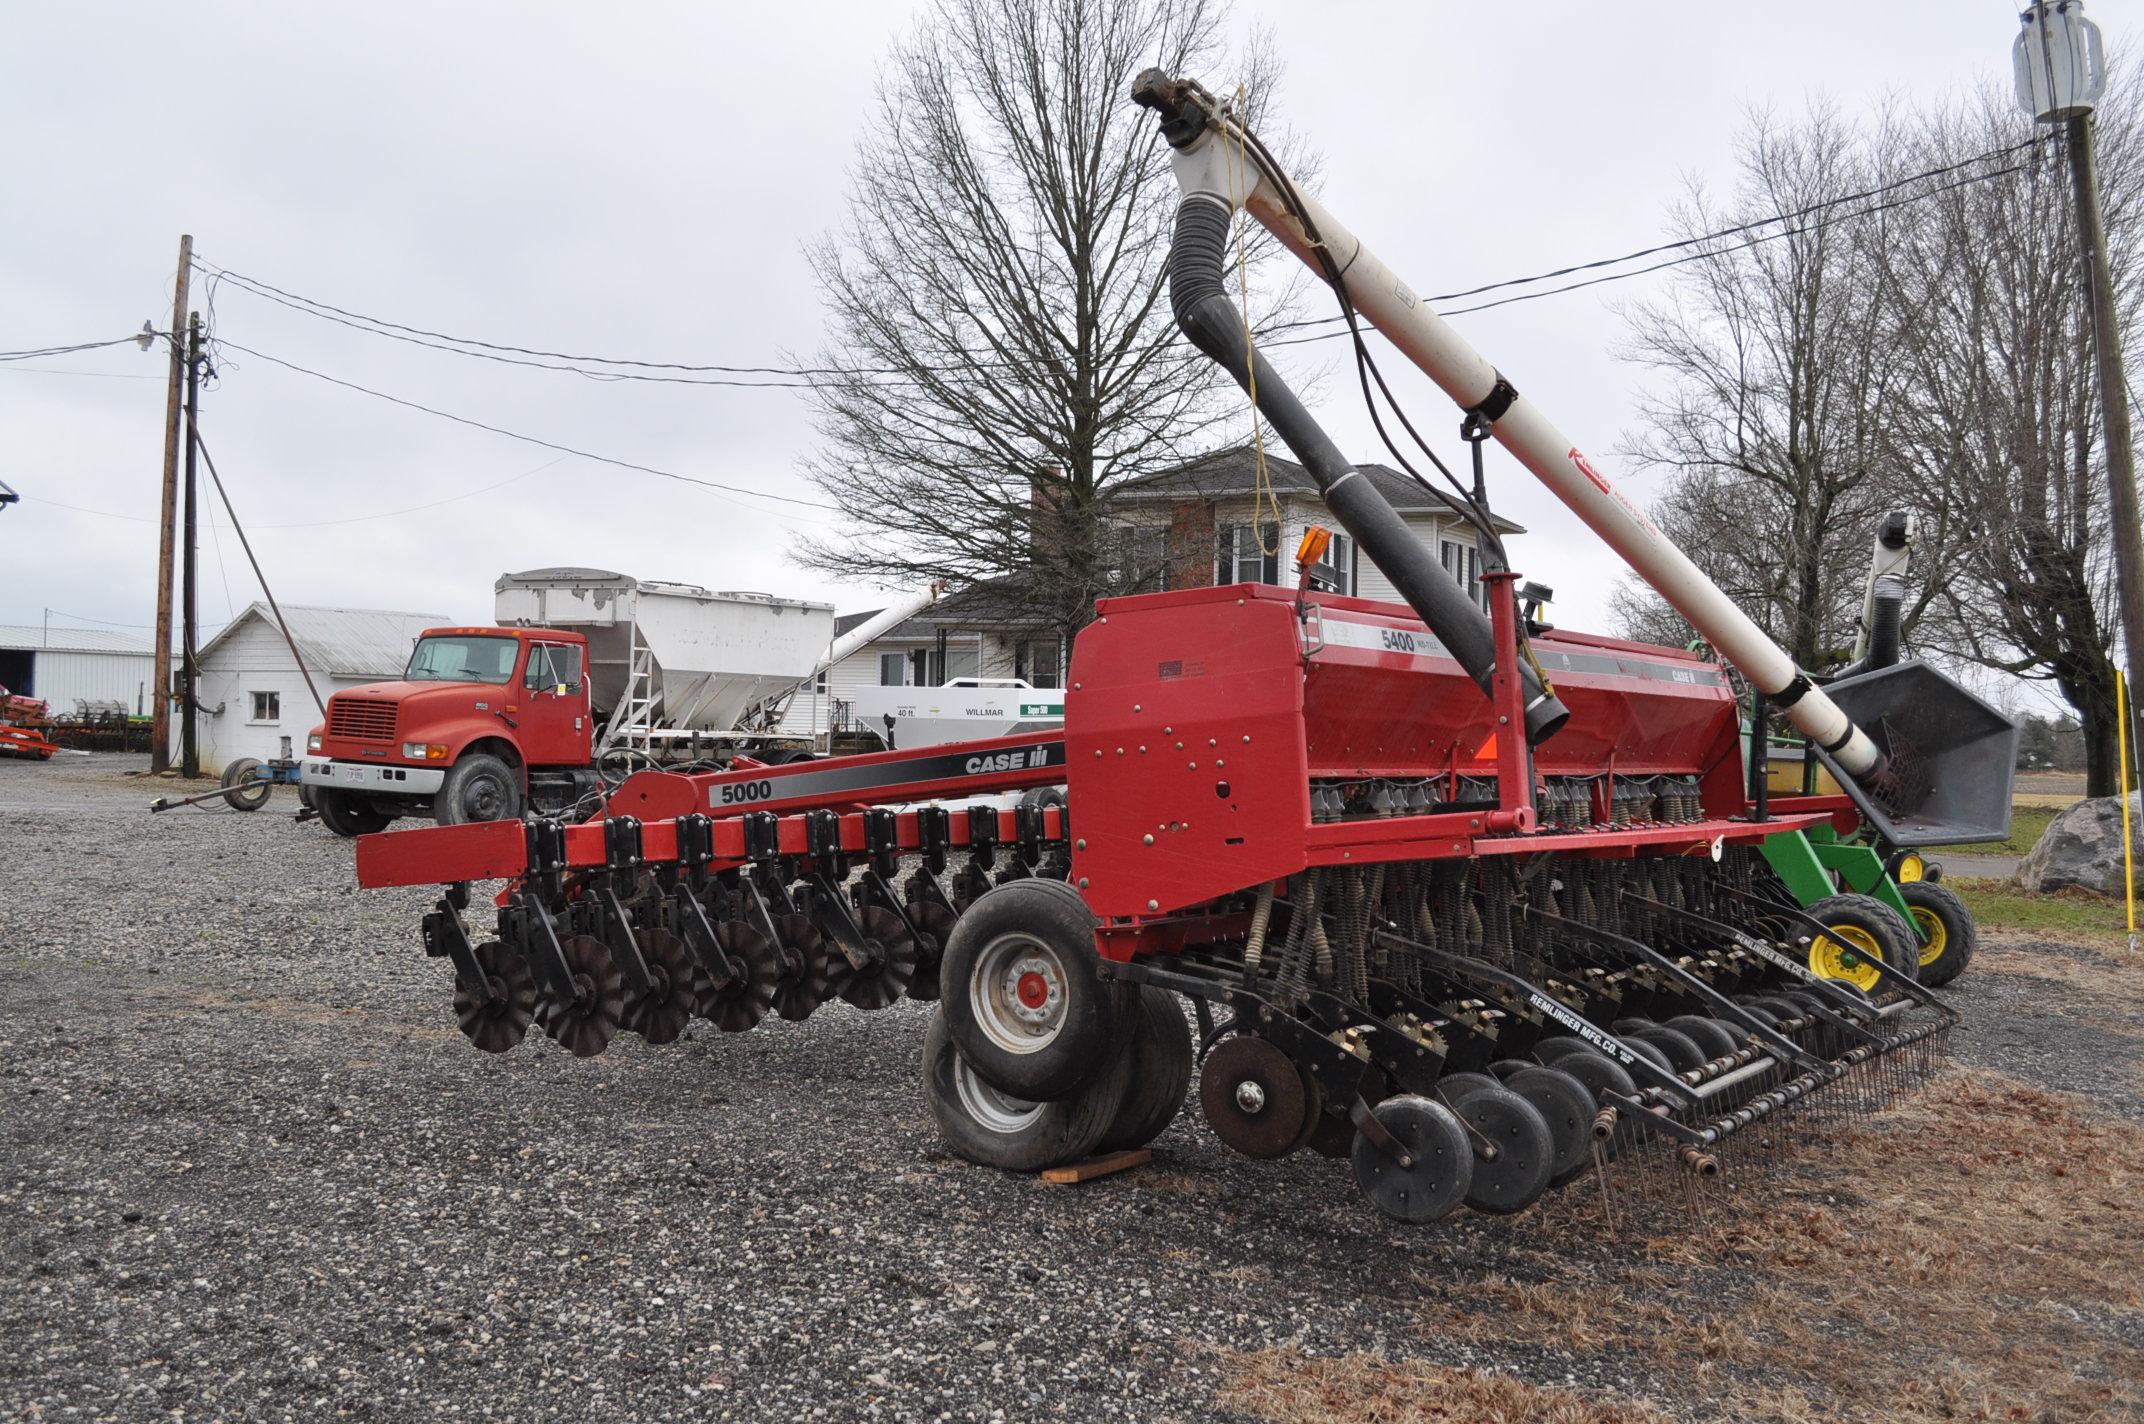 """Case IH 5400 grain drill, 3pt no-till caddie cart, 7 ½"""" spacing, 2 bar coil tine drag, Remlinger - Image 2 of 13"""